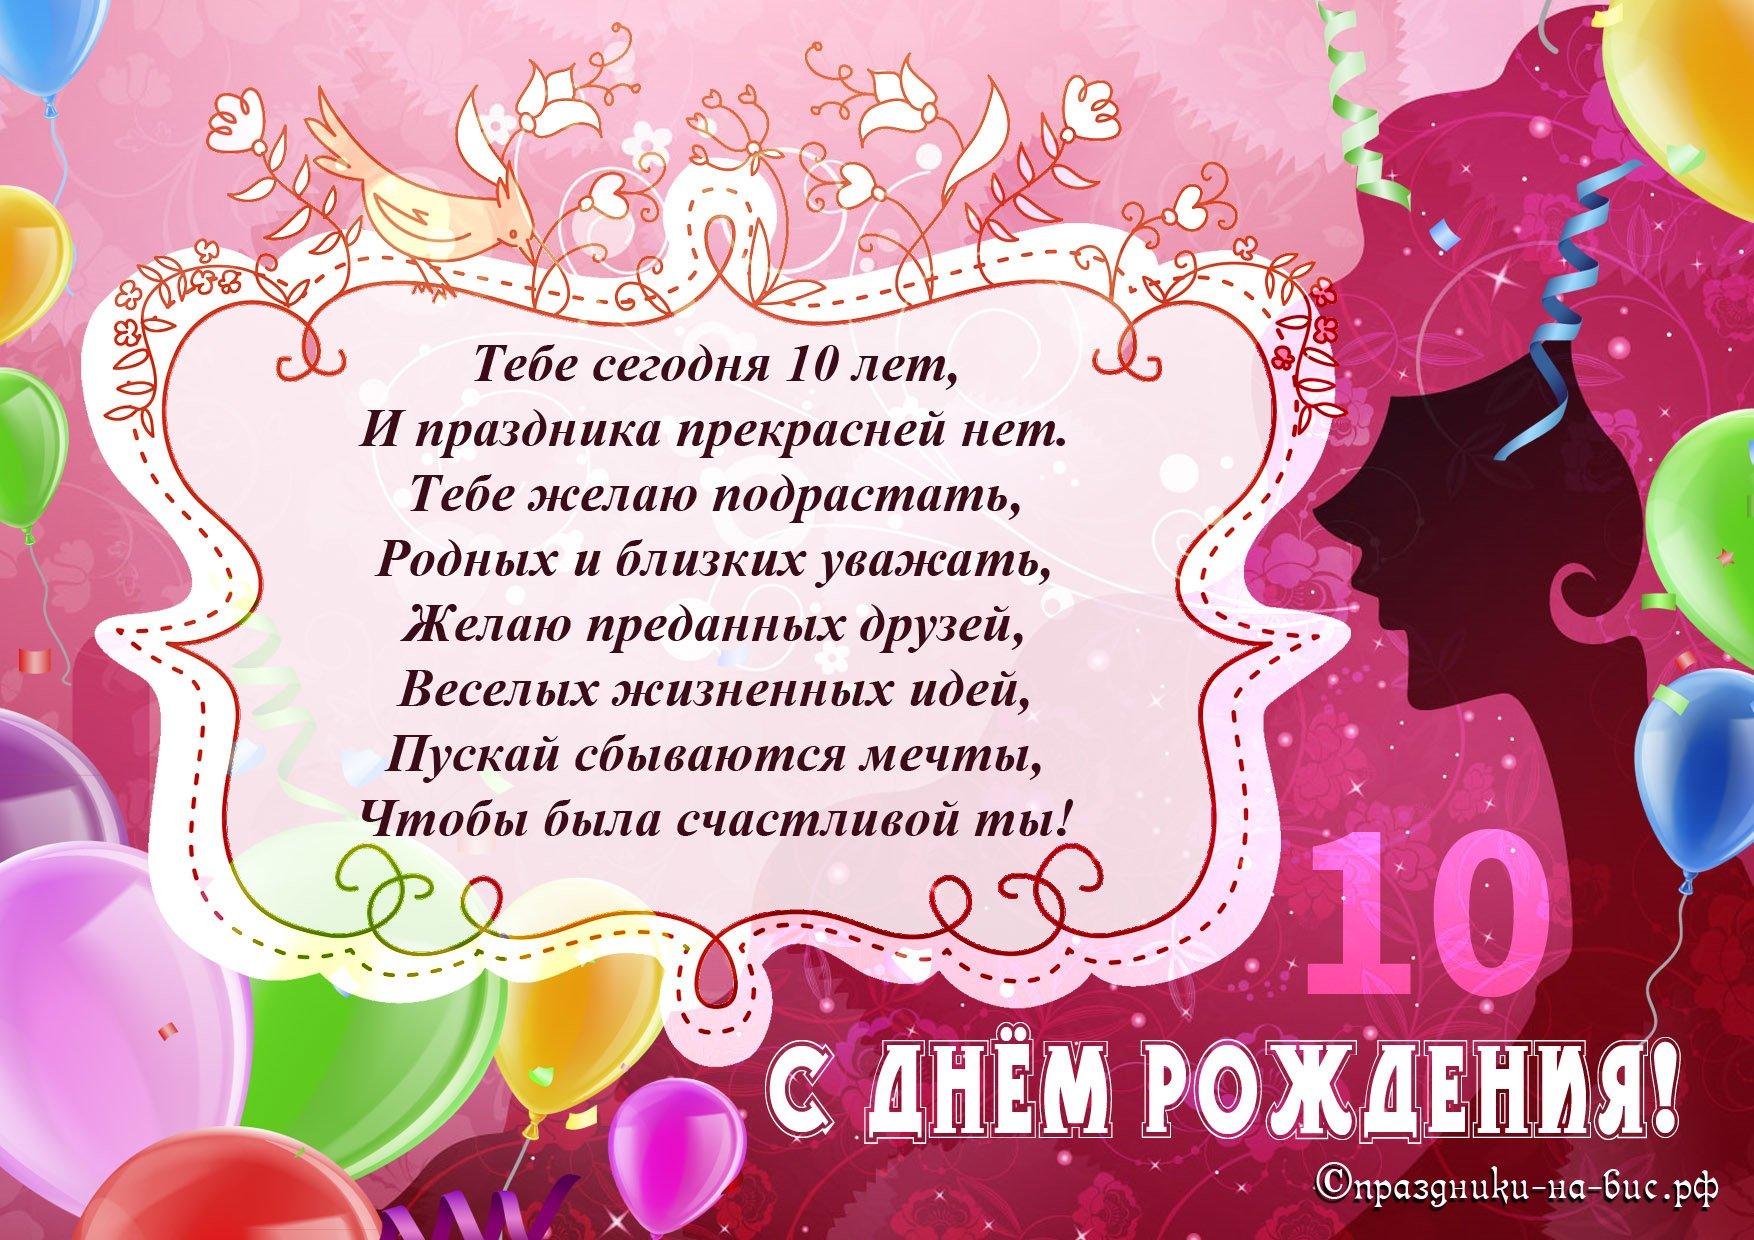 Открытки с днем рождения 10